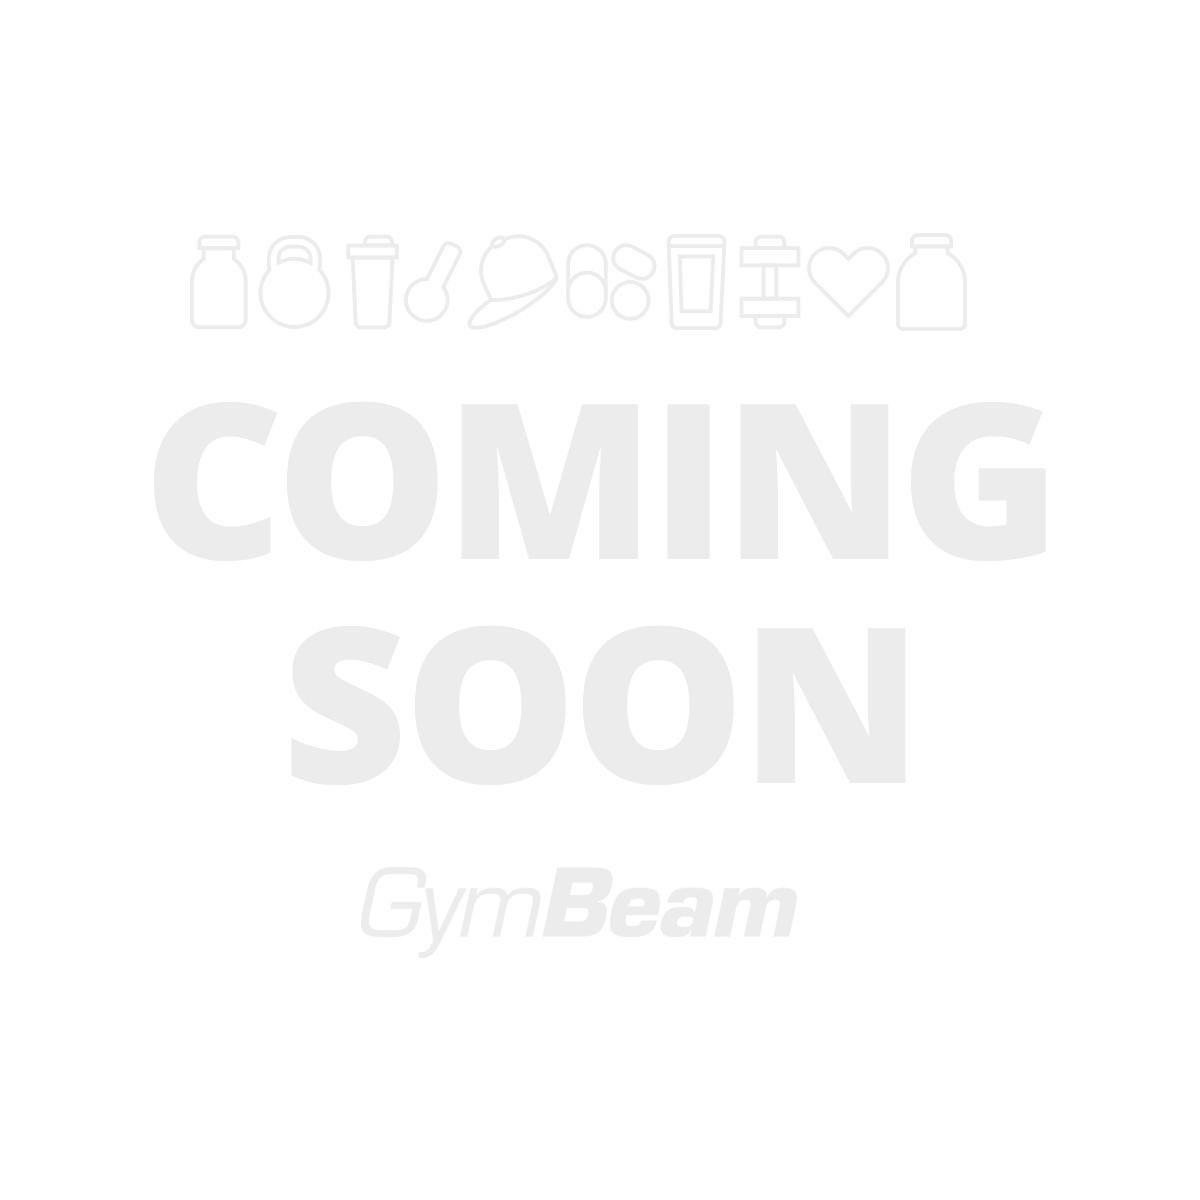 Kloubní výživa Flexit Drink 400g - Nutrend